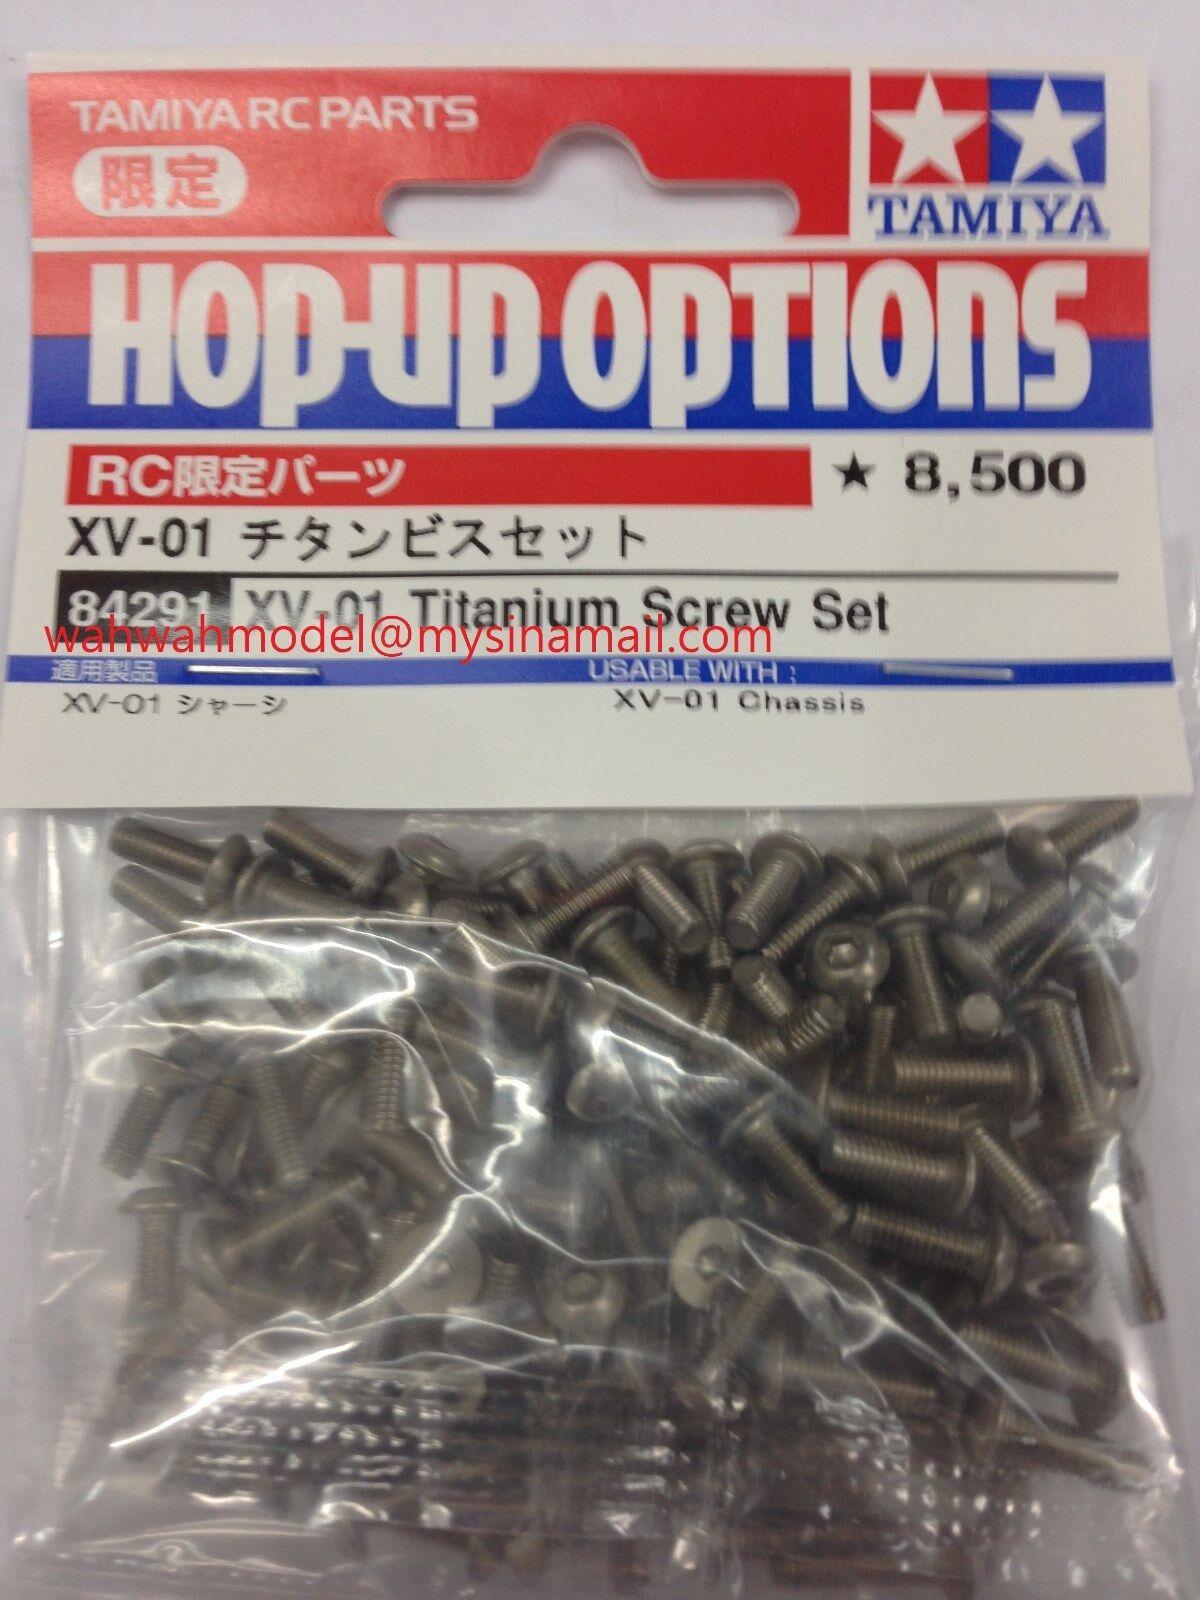 Tamiya 84291 RC XV-01 Titanium Screw Set